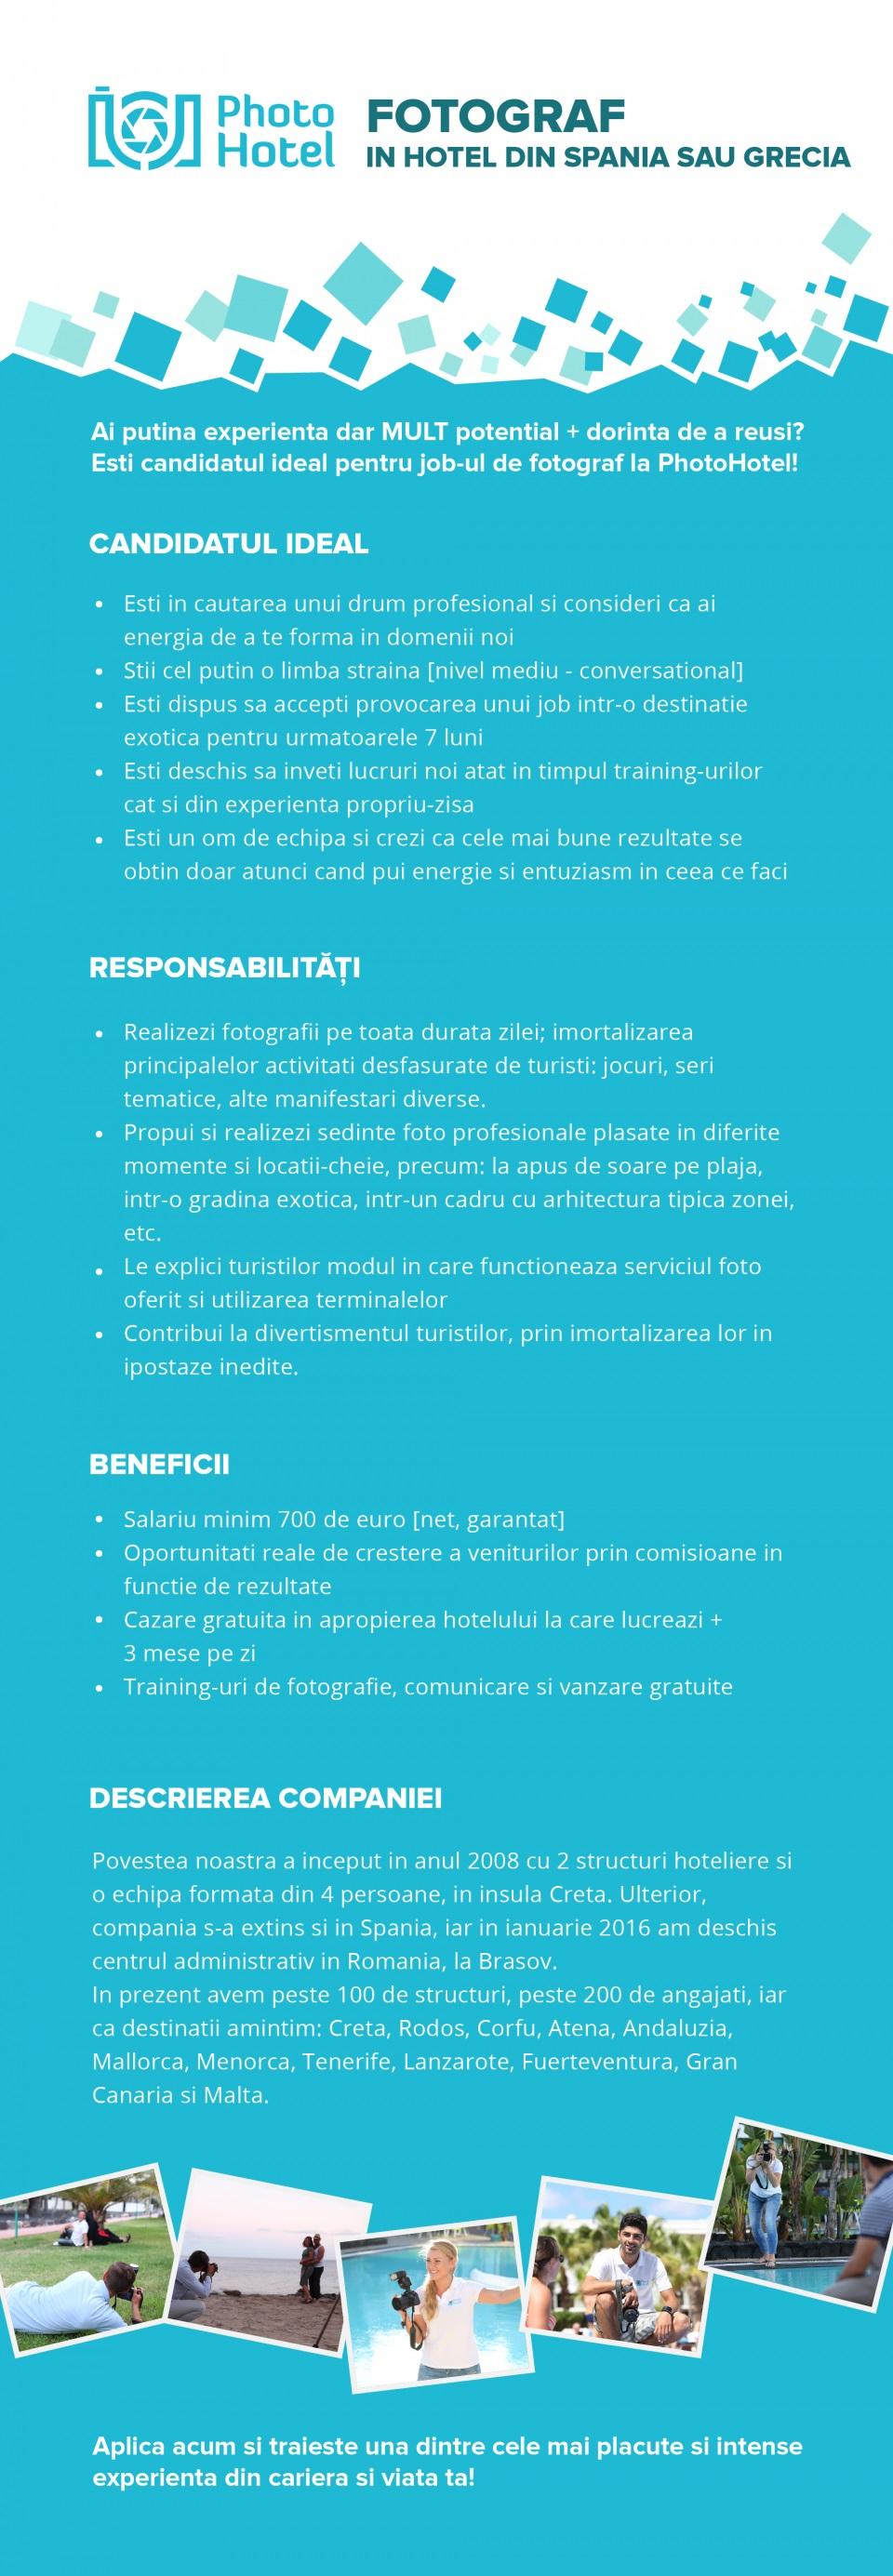 Ți-ai dori să lucrezi într-o destinație exotică și să obții un salariu mediu între 700 și 2000 euro net pe lună, având cazarea, masa și transportul asigurate?  Dacă da, Photohotel te trimite în 4 locații de vis: Grecia, Spania, Malta sau Insulele Canare!  Experiența în domeniul fotografiei NU este necesară întrucât te învățăm noi tot ce trebuie să știi pentru a face o treabă excelentă.  Atenție: Stagiul de formarea are loc la finalul lui Februarie 2020 iar plecarea în destinație are loc în Martie 2020.  📷 Este acest job pentru tine? Da, dacă:  Ai vârsta de minim 19 ani; 🔞 Cunoști cel puțin o limbă străină (engleză, franceză, germană sau rusă) la nivel mediu; 👄 Ești o persoană ambițioasă, dornică de a învăța lucruri noi și de a oferi un serviciu premium către clienți; 📖 Ești dispus să renunți la zona de confort și să accepți noi provocări; Îți place să muncești - literal vorbind… ne și distrăm dar și muncim! 📸  Ce o să faci?  Vei aborda turiștii din hotelurile în care activăm. Vei vorbi cu ei, vei glumi și le vei propune sesiuni foto pe plajă sau în grădina hotelului; ✌ Vei face fotografii și ședințe foto; 🎞 Vei comunica constant cu colegul sau colega ta. Consilierul este colegul tău si prietenul din hotel alături de care vei împărți atât target-ul și efortul, cât și câștigul și bucuriile; 👥 Vei descărca fotografiile în sistemul PhotoHotel; 🎬 Vei prezenta și vei vinde fotografiile către turiști; ✉ Vei printa fotografii și le vei aranja în albume, pe magneți sau brelocuri; 🎯  ATENȚIE: Acesta este în proporție de 70% un job de vânzări și doar 30% un job de fotografie. Este important să ai curajul de a merge către oameni și a le vinde acest serviciu.  Ce îți oferim?   Salariu minim de 700 de euro net + comision (în medie, un angajat la Photohotel câștigă 1300 de euro net pe lună); Transportul dus-întors către și de la destinație; 🚗 Cazare în apropierea hotelului în care vei lucra; 🏡 3 mese pe zi servite în hotel; 🍟 Asigurarea medicală în caz de boală sau accident; 💉 Pre